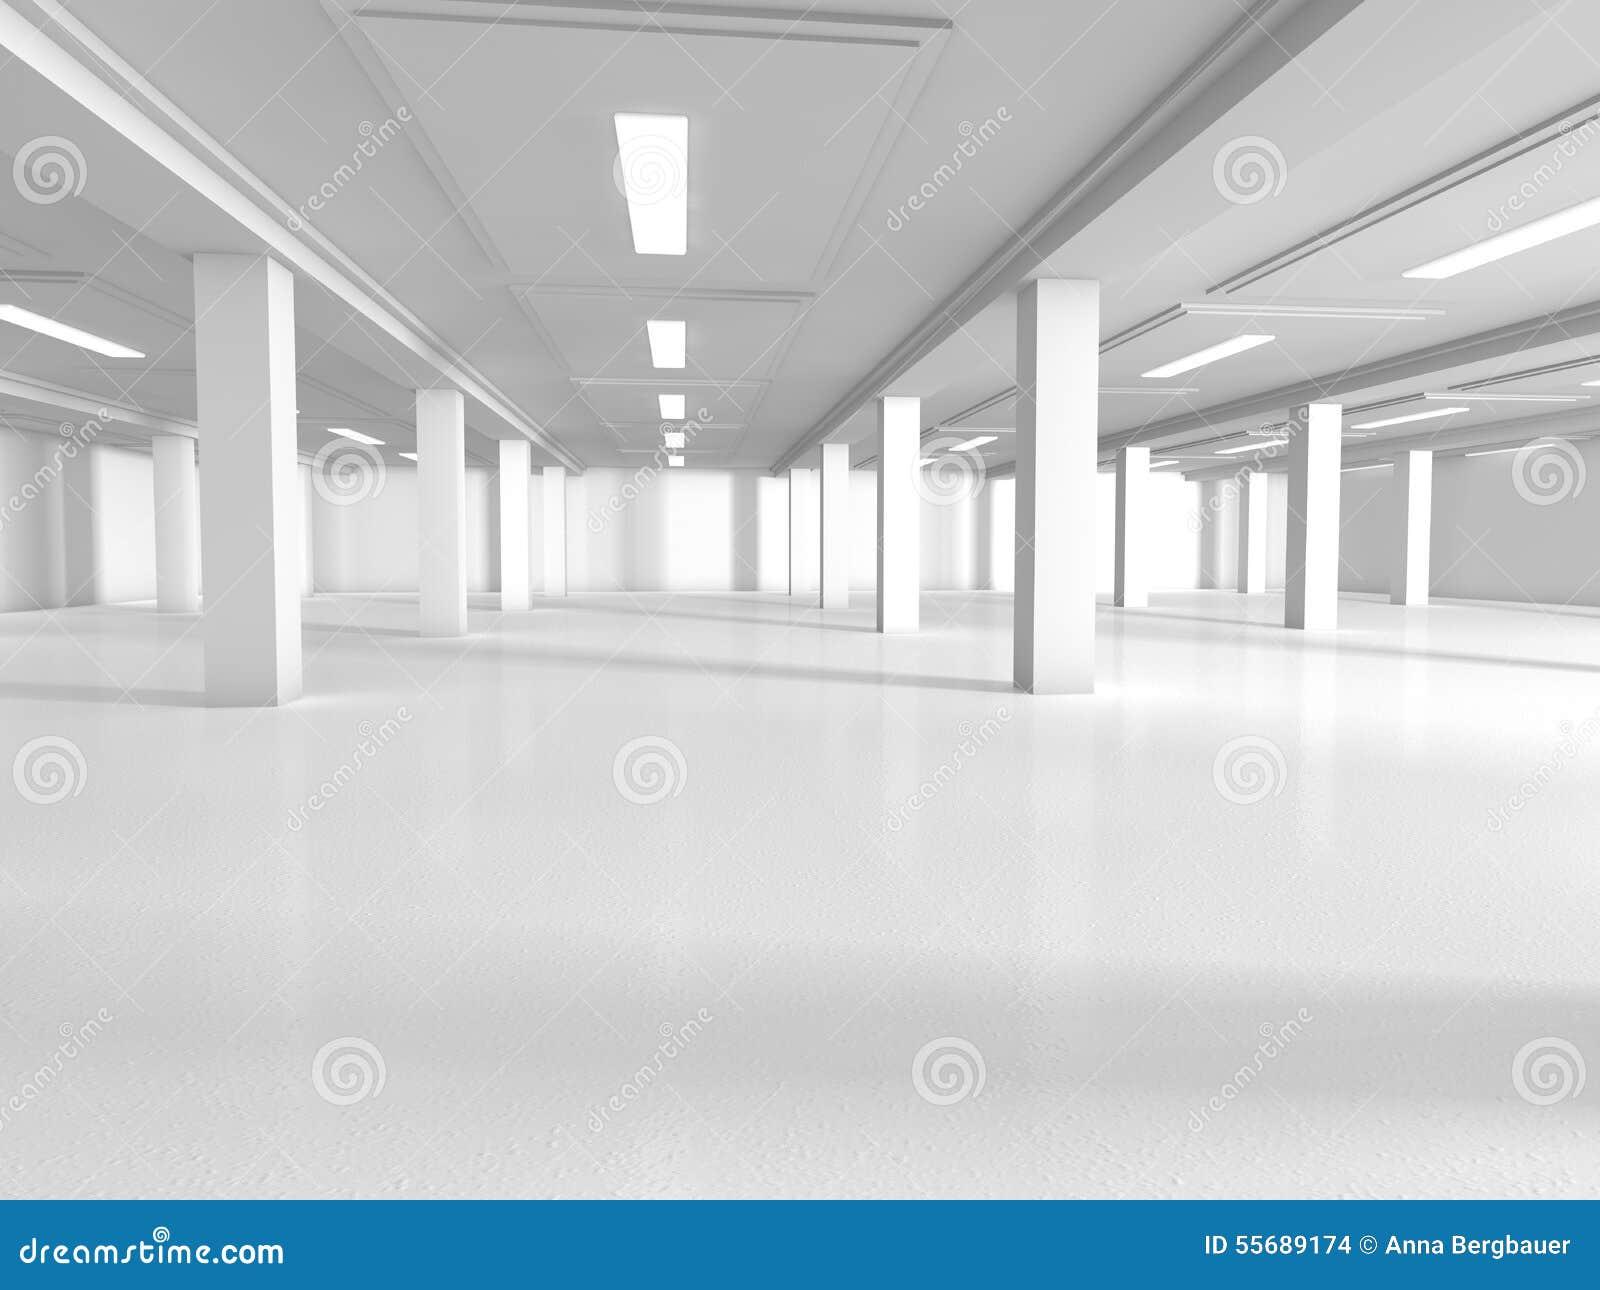 Podium In Empty Room White